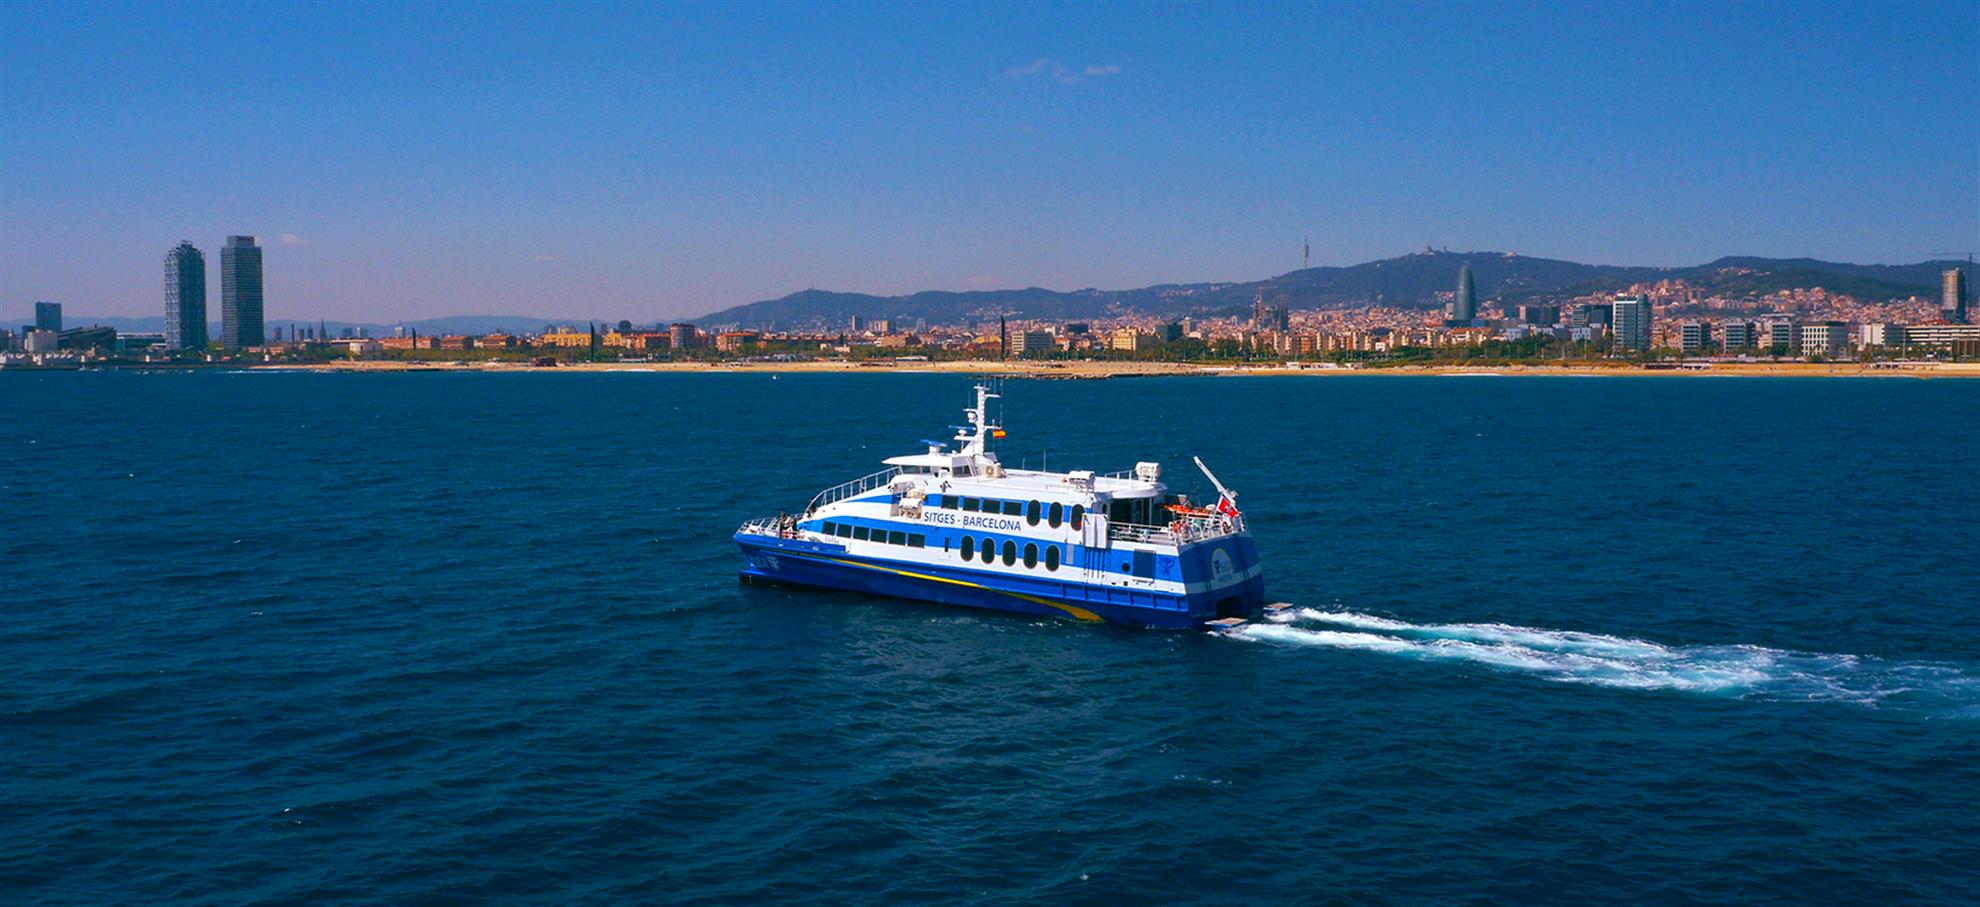 ¡Billetes para el Ferry de Barcelona a Sitges!